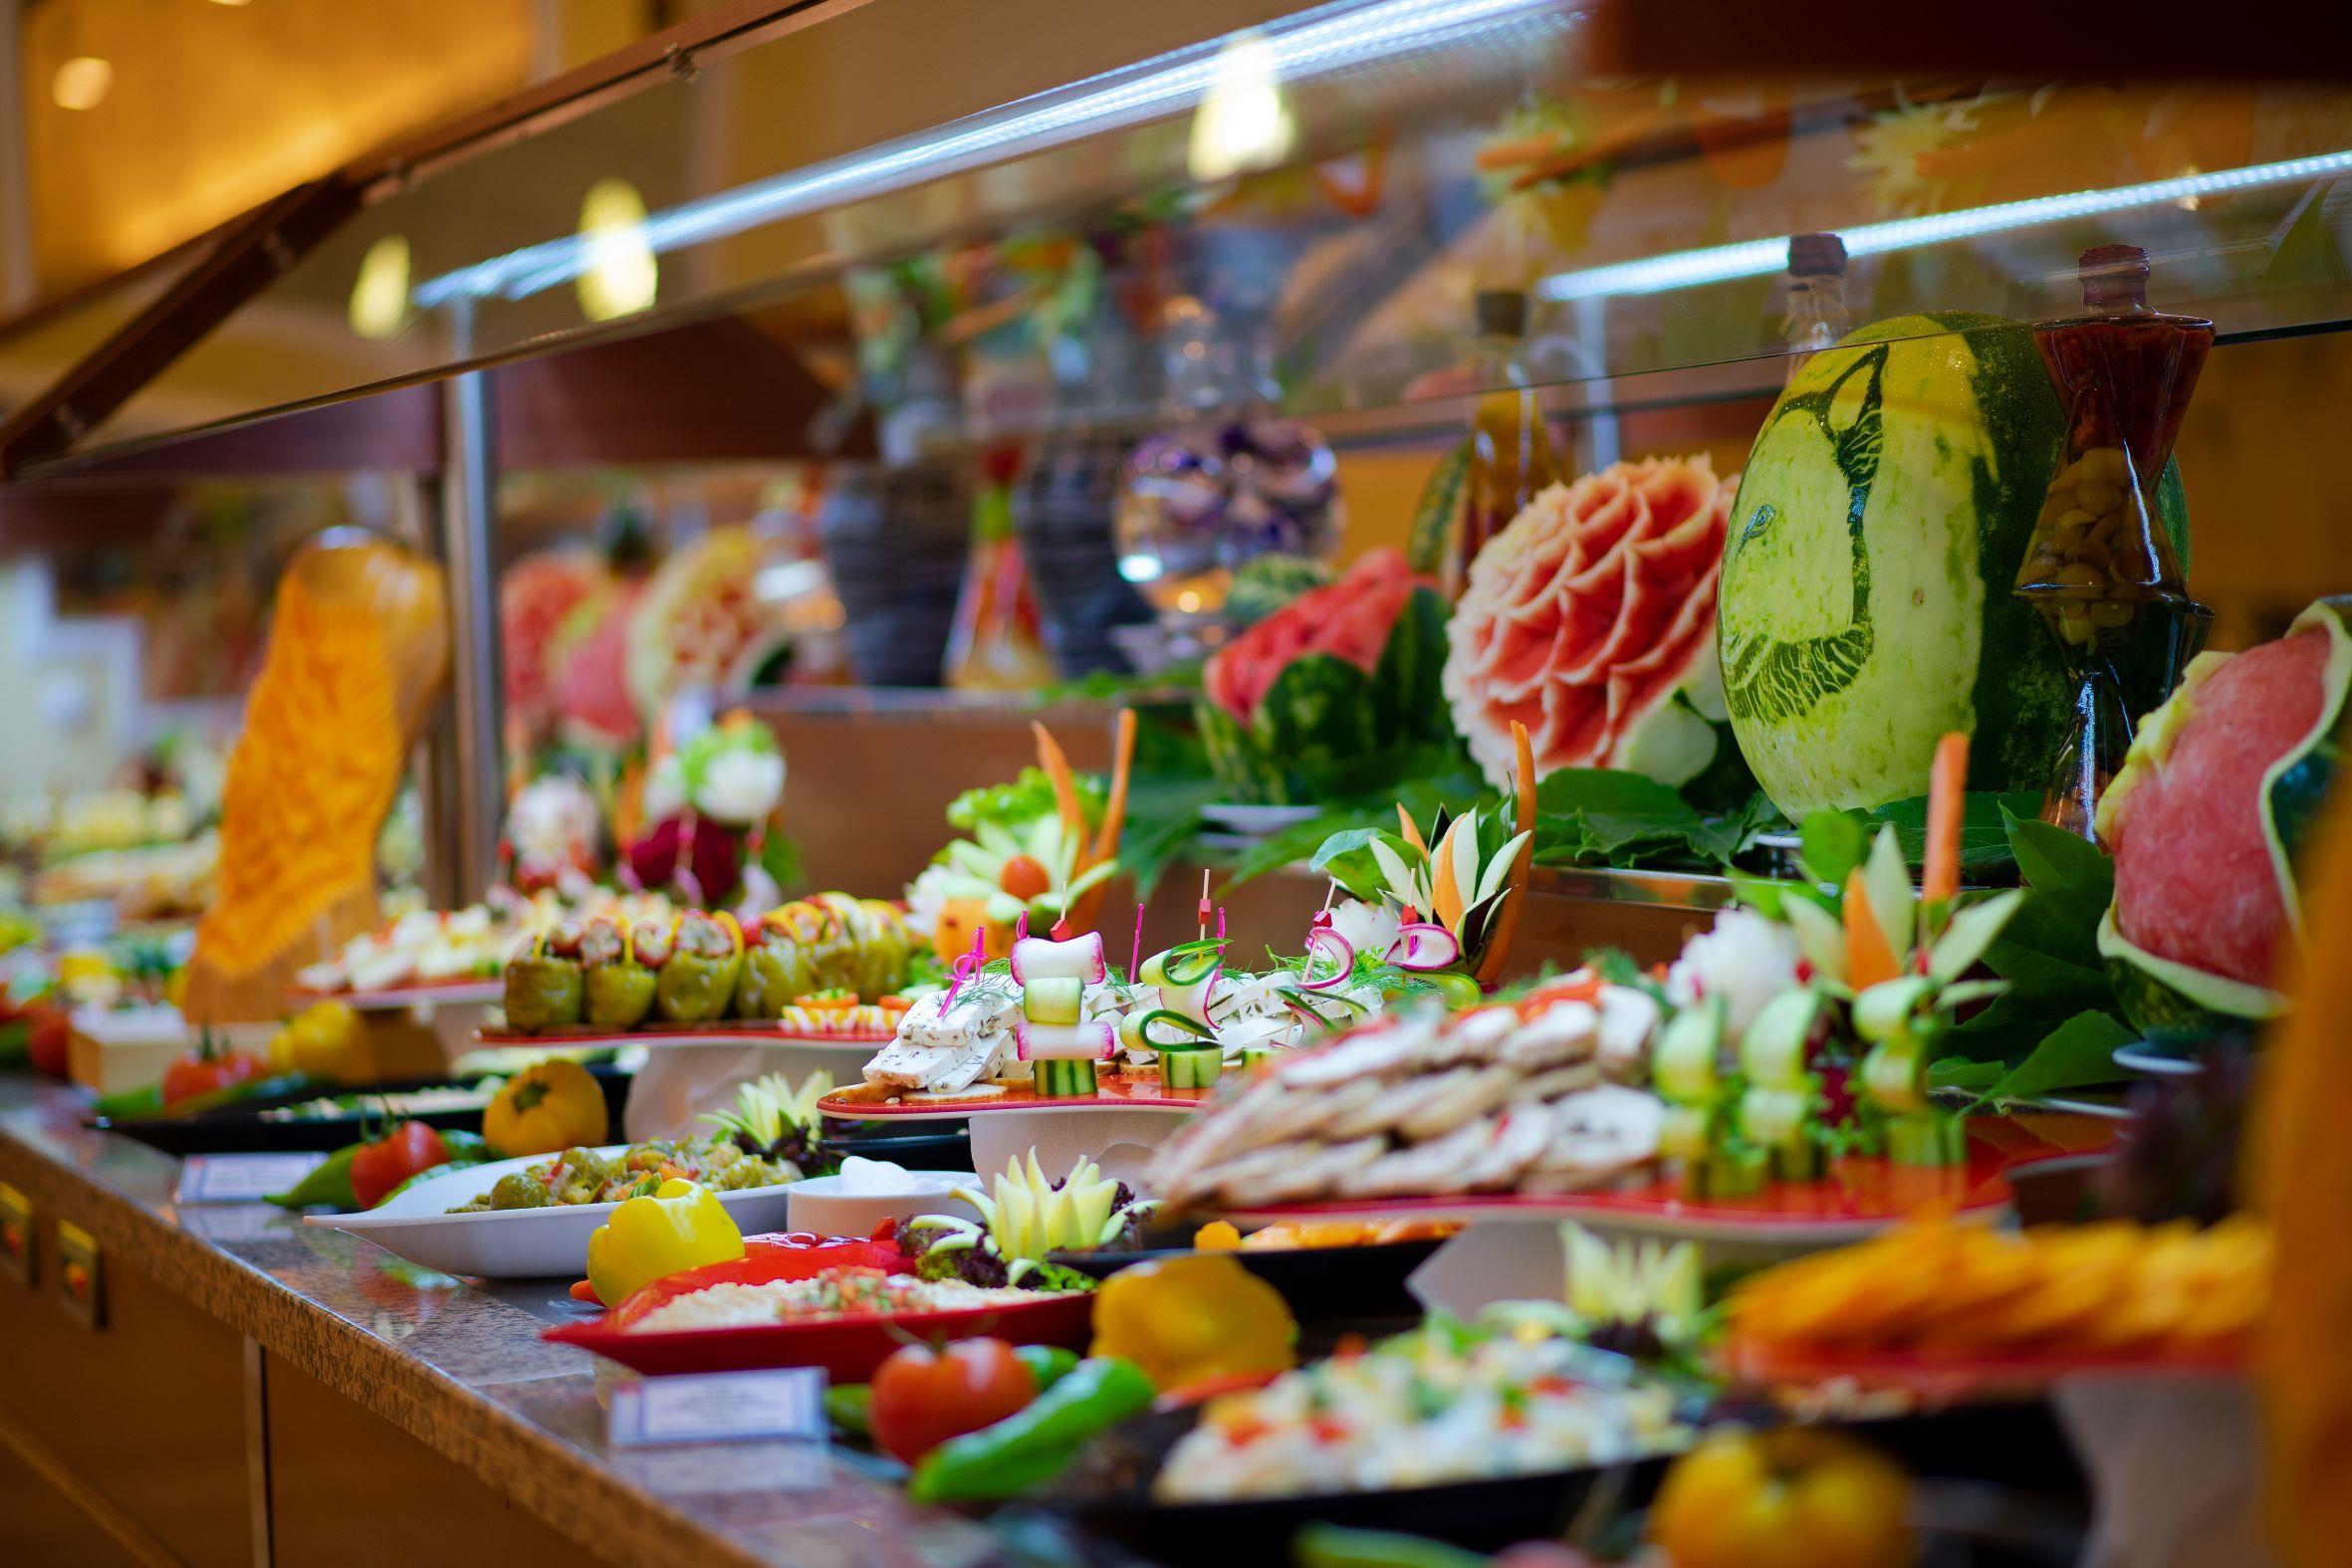 http://www.orextravel.sk/OREX/hotelphotos/miramare-queen-hotel-general-0082.jpg